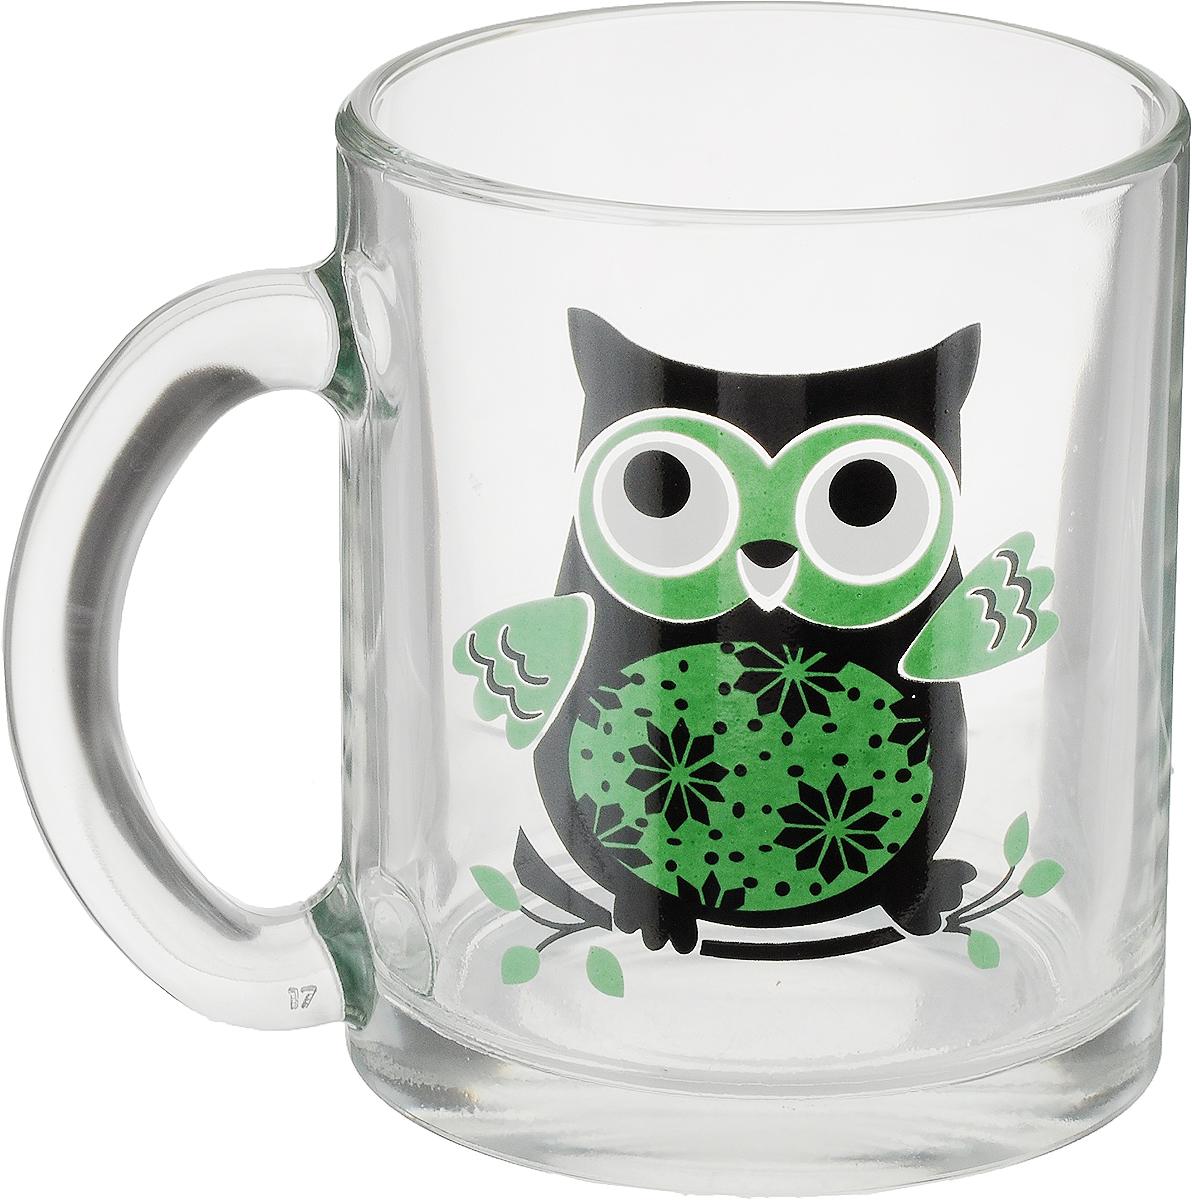 """Кружка OSZ """"Чайная. Совы"""" способна скрасить любое чаепитие. Изделие выполнено из  высококачественного жаропрочного стекла. Посуда из такого материала позволяет сохранить  истинный вкус напитка, а также помогает ему дольше оставаться теплым. Диаметр по верхнему краю: 8 см. Высота кружки: 9,5 см."""